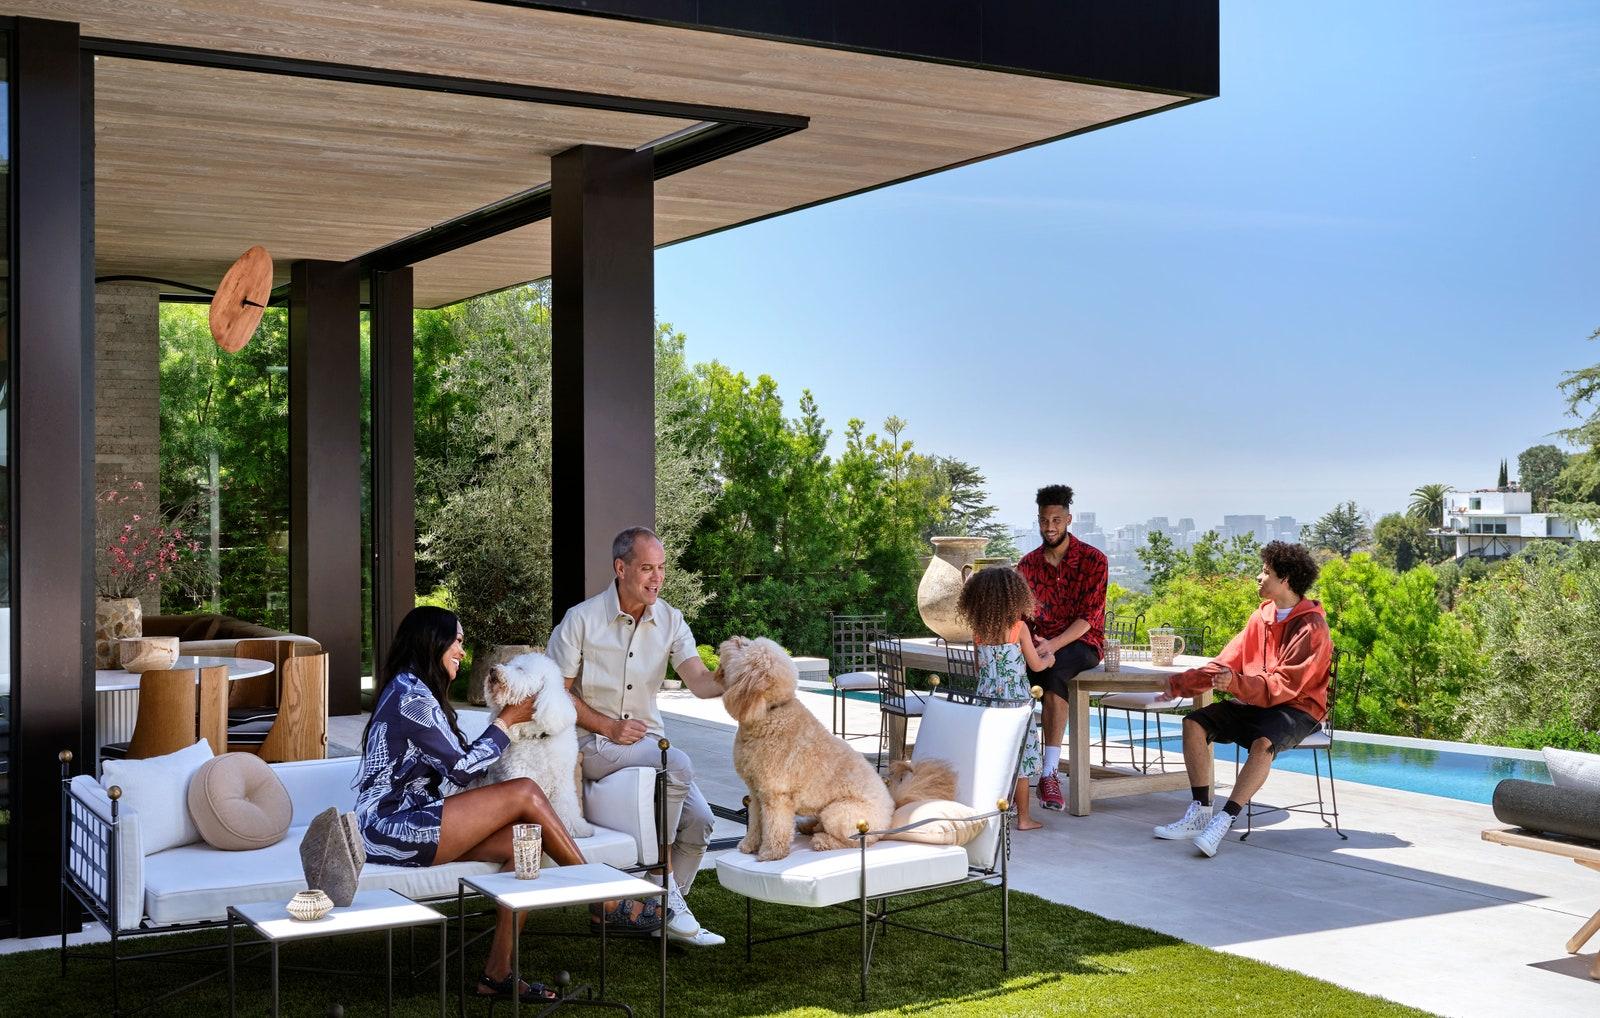 Álomszép design és cuki kutyák a barátságos medencés Los Angeles-i családi házban!